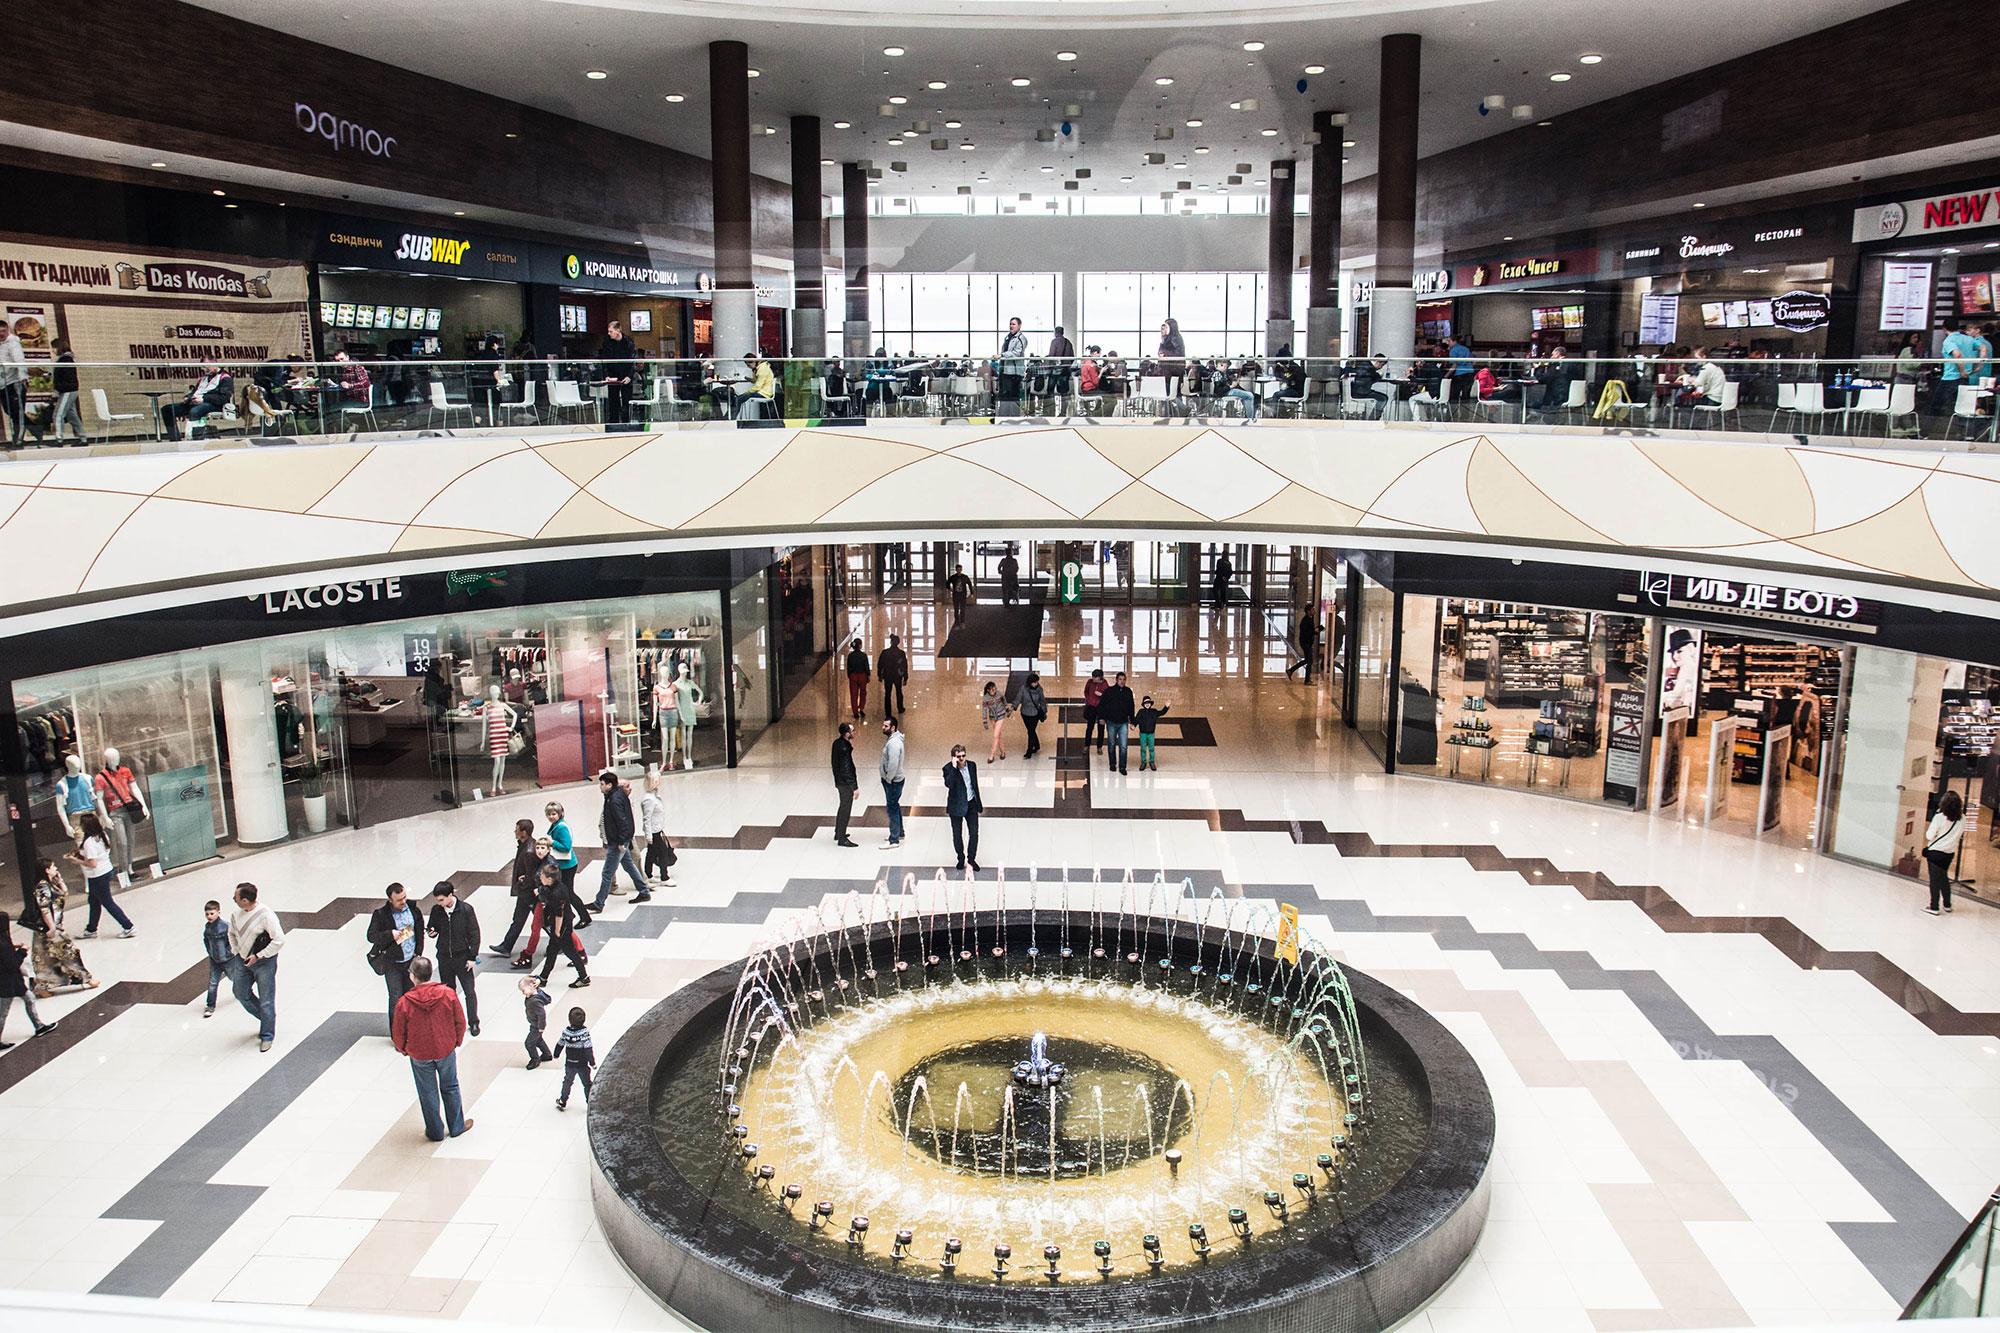 Суд Тюмени приостановил работу торгового центра из-за нарушений пожарной безопасности